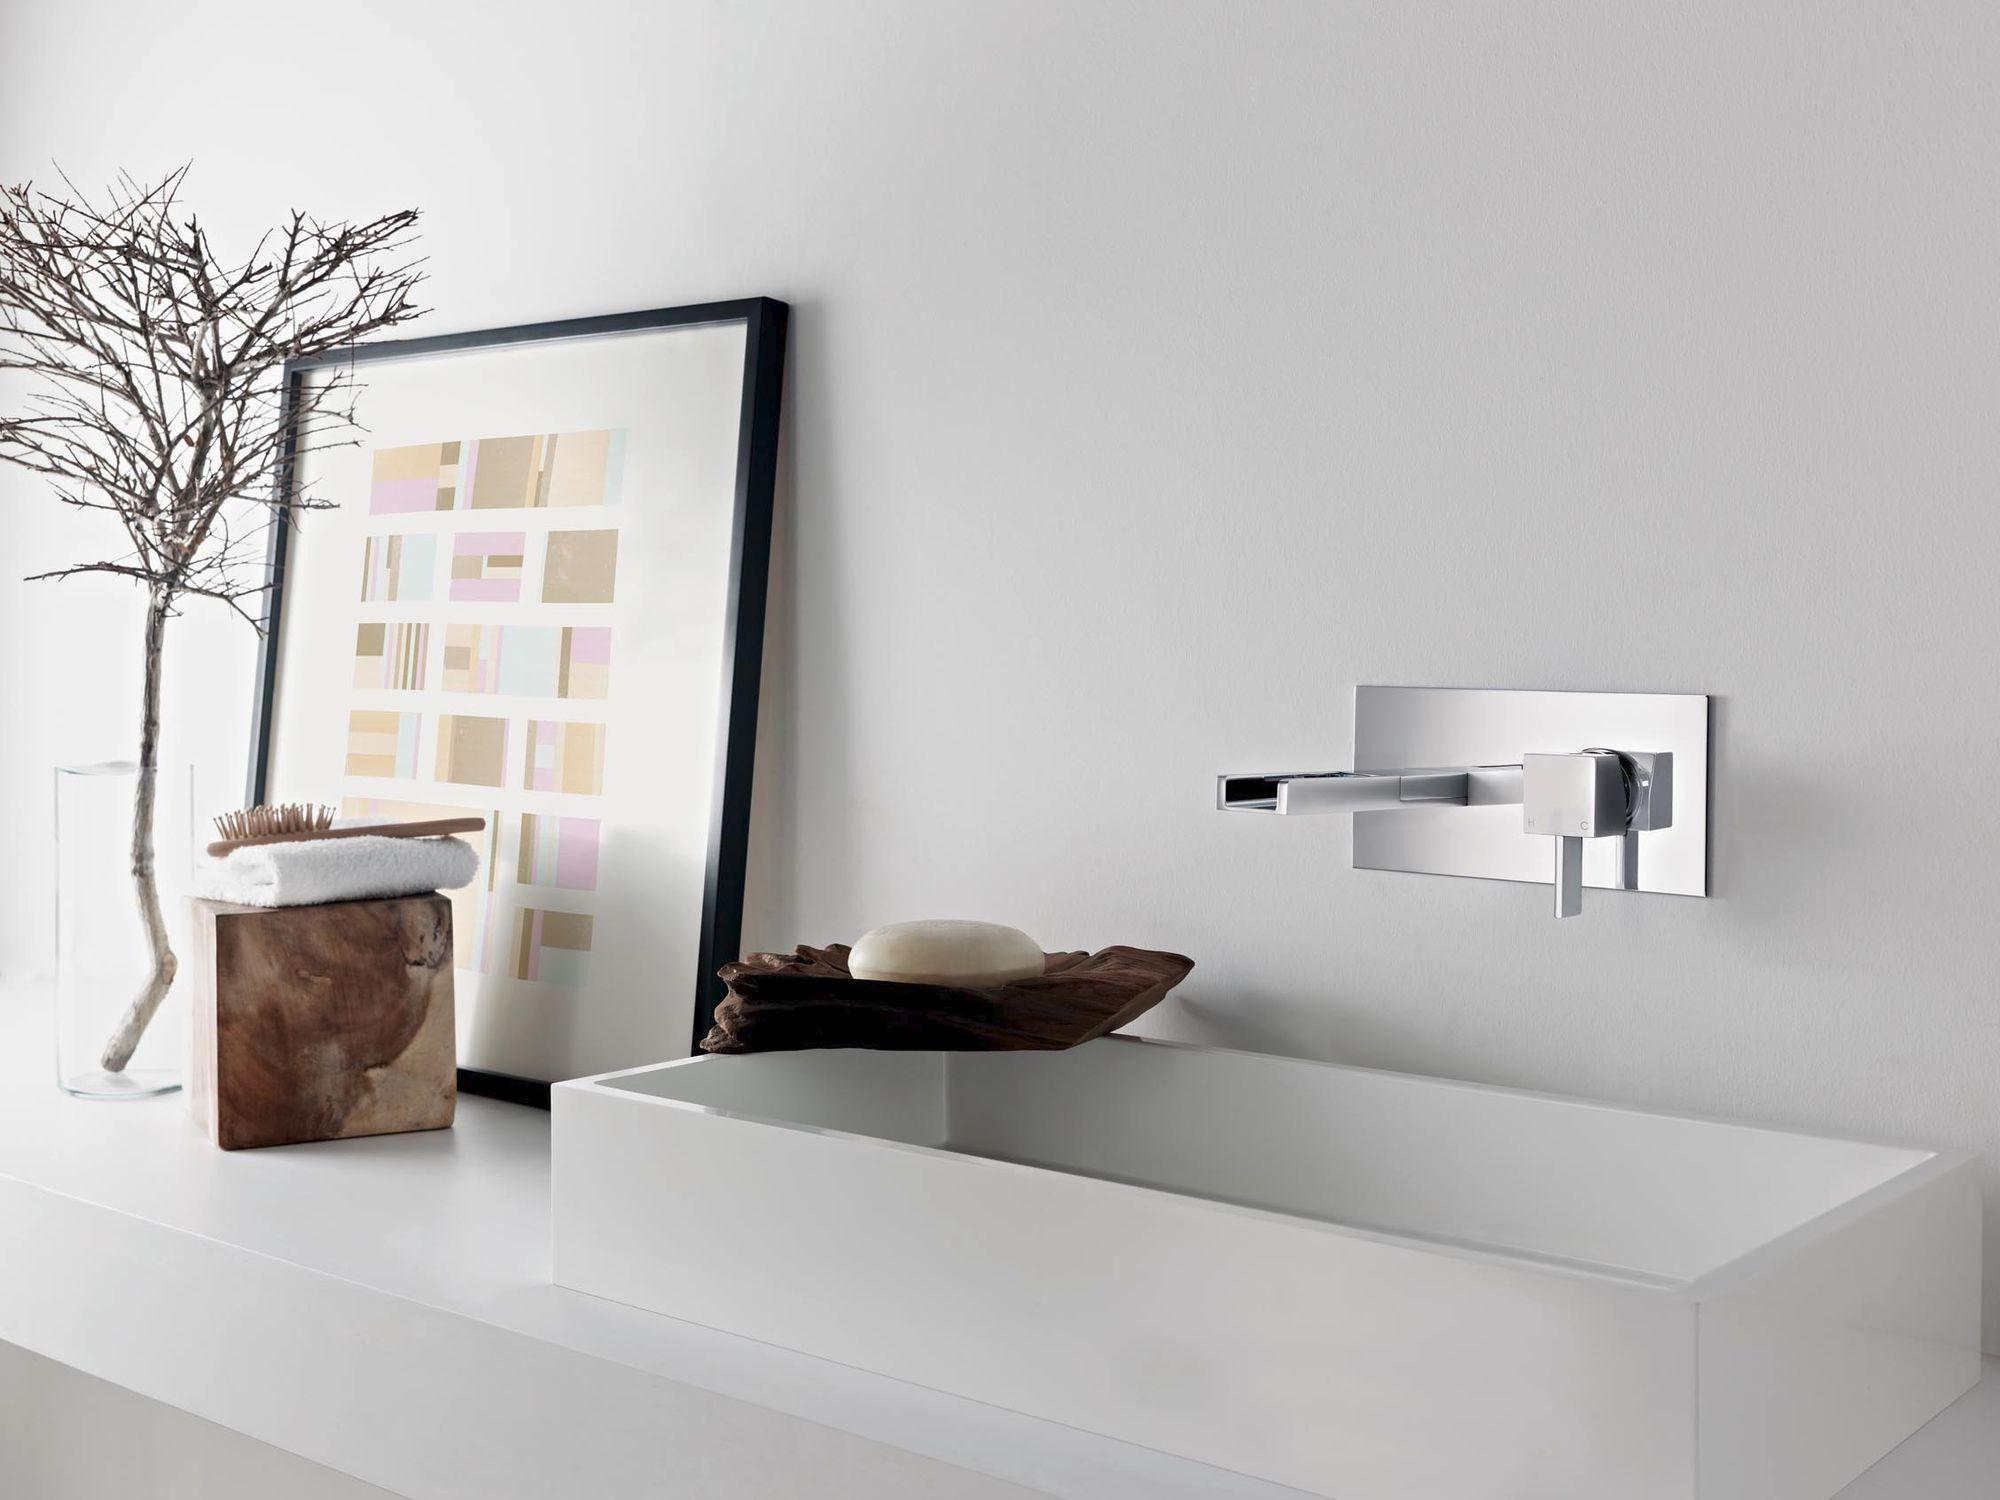 dans une salle de bain quelle hauteur laisser entre un lavabo et un robinet mural - Robinet Mitigeur Mural Salle De Bain